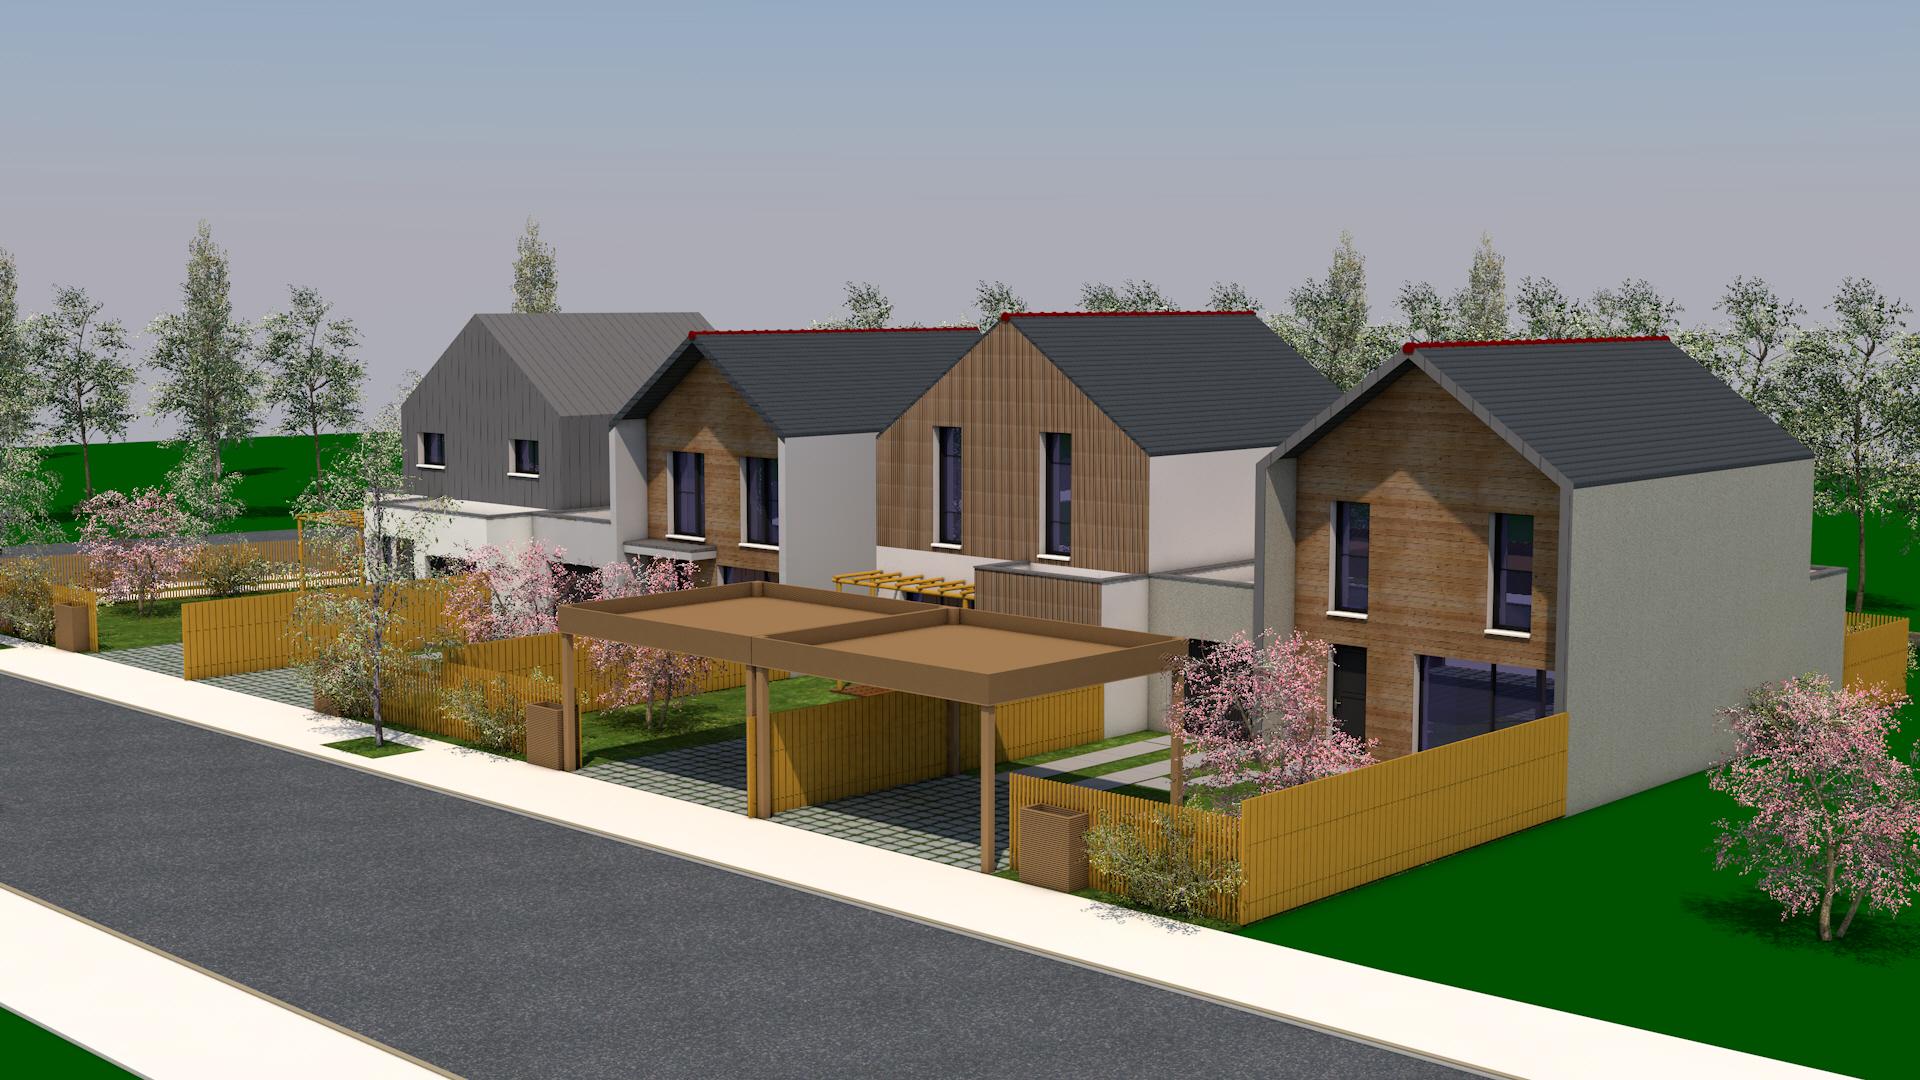 Constructeur De Maison Rennes maisons jubault constructeur maison bretagne : rennes